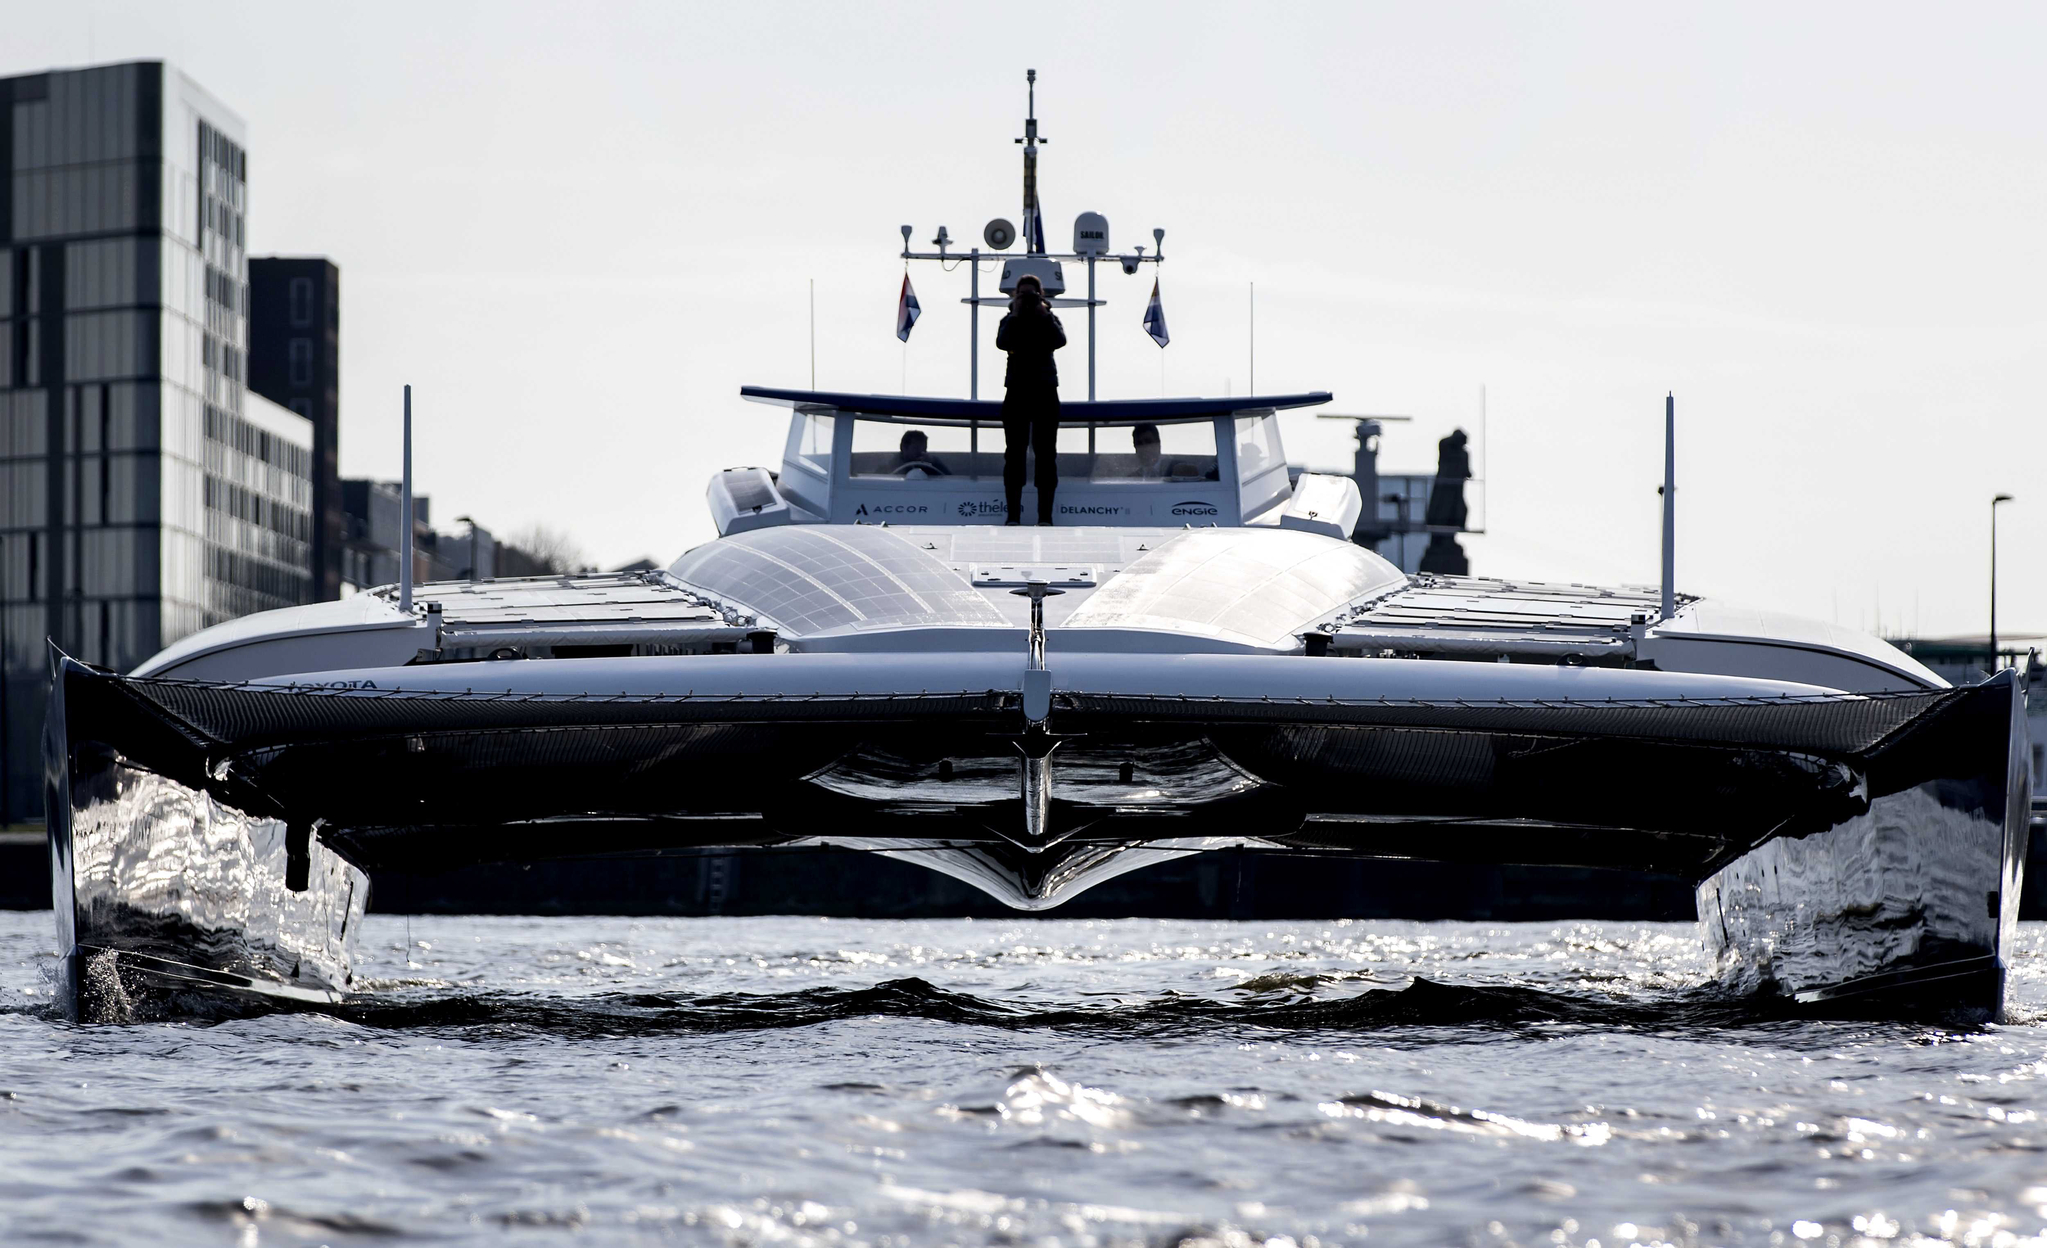 세계 최초의 수소보트 '에너지 옵저버(Energy Observer)'가 지난 5일 네덜란드 암스테르담 항구에 도착하고 있다.[EPA=연합뉴스]